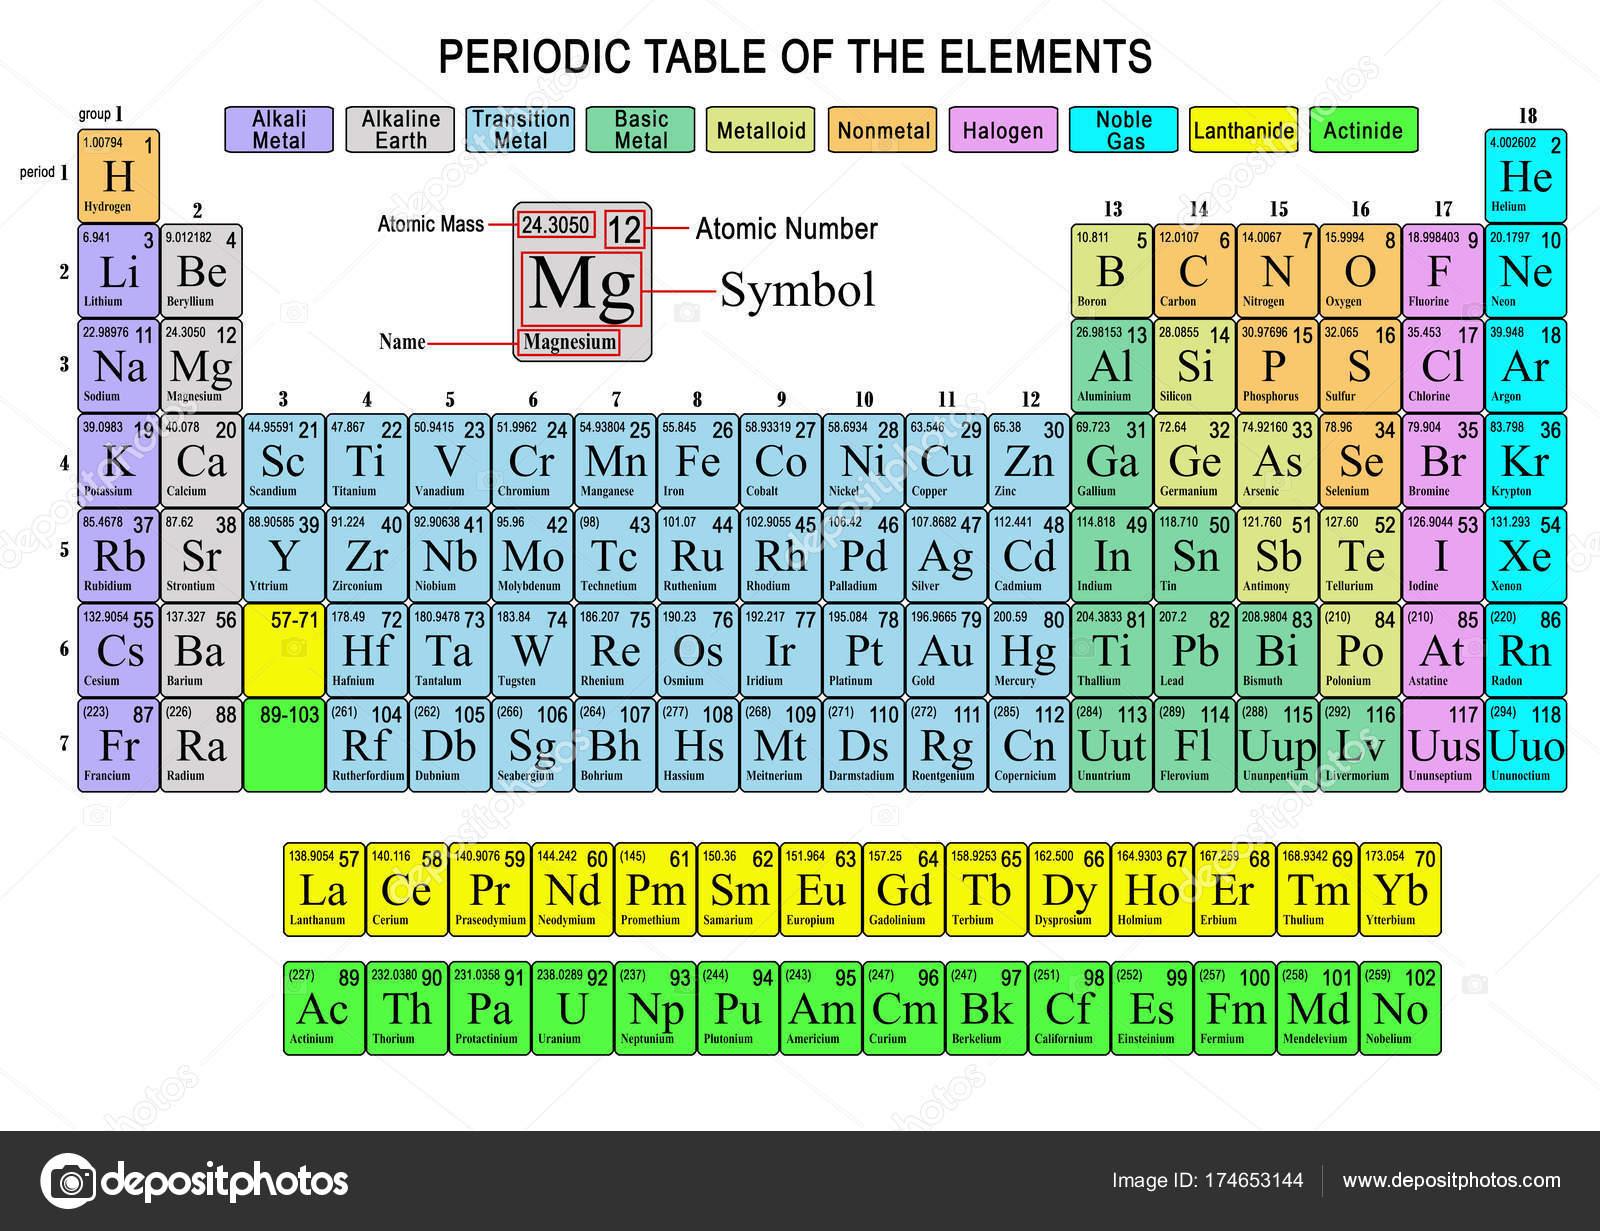 Tabla periodica de los elementos fotos de stock davizro 174653144 representacin de la tabla peridica de elementos qumicos coloridos foto de davizro urtaz Choice Image